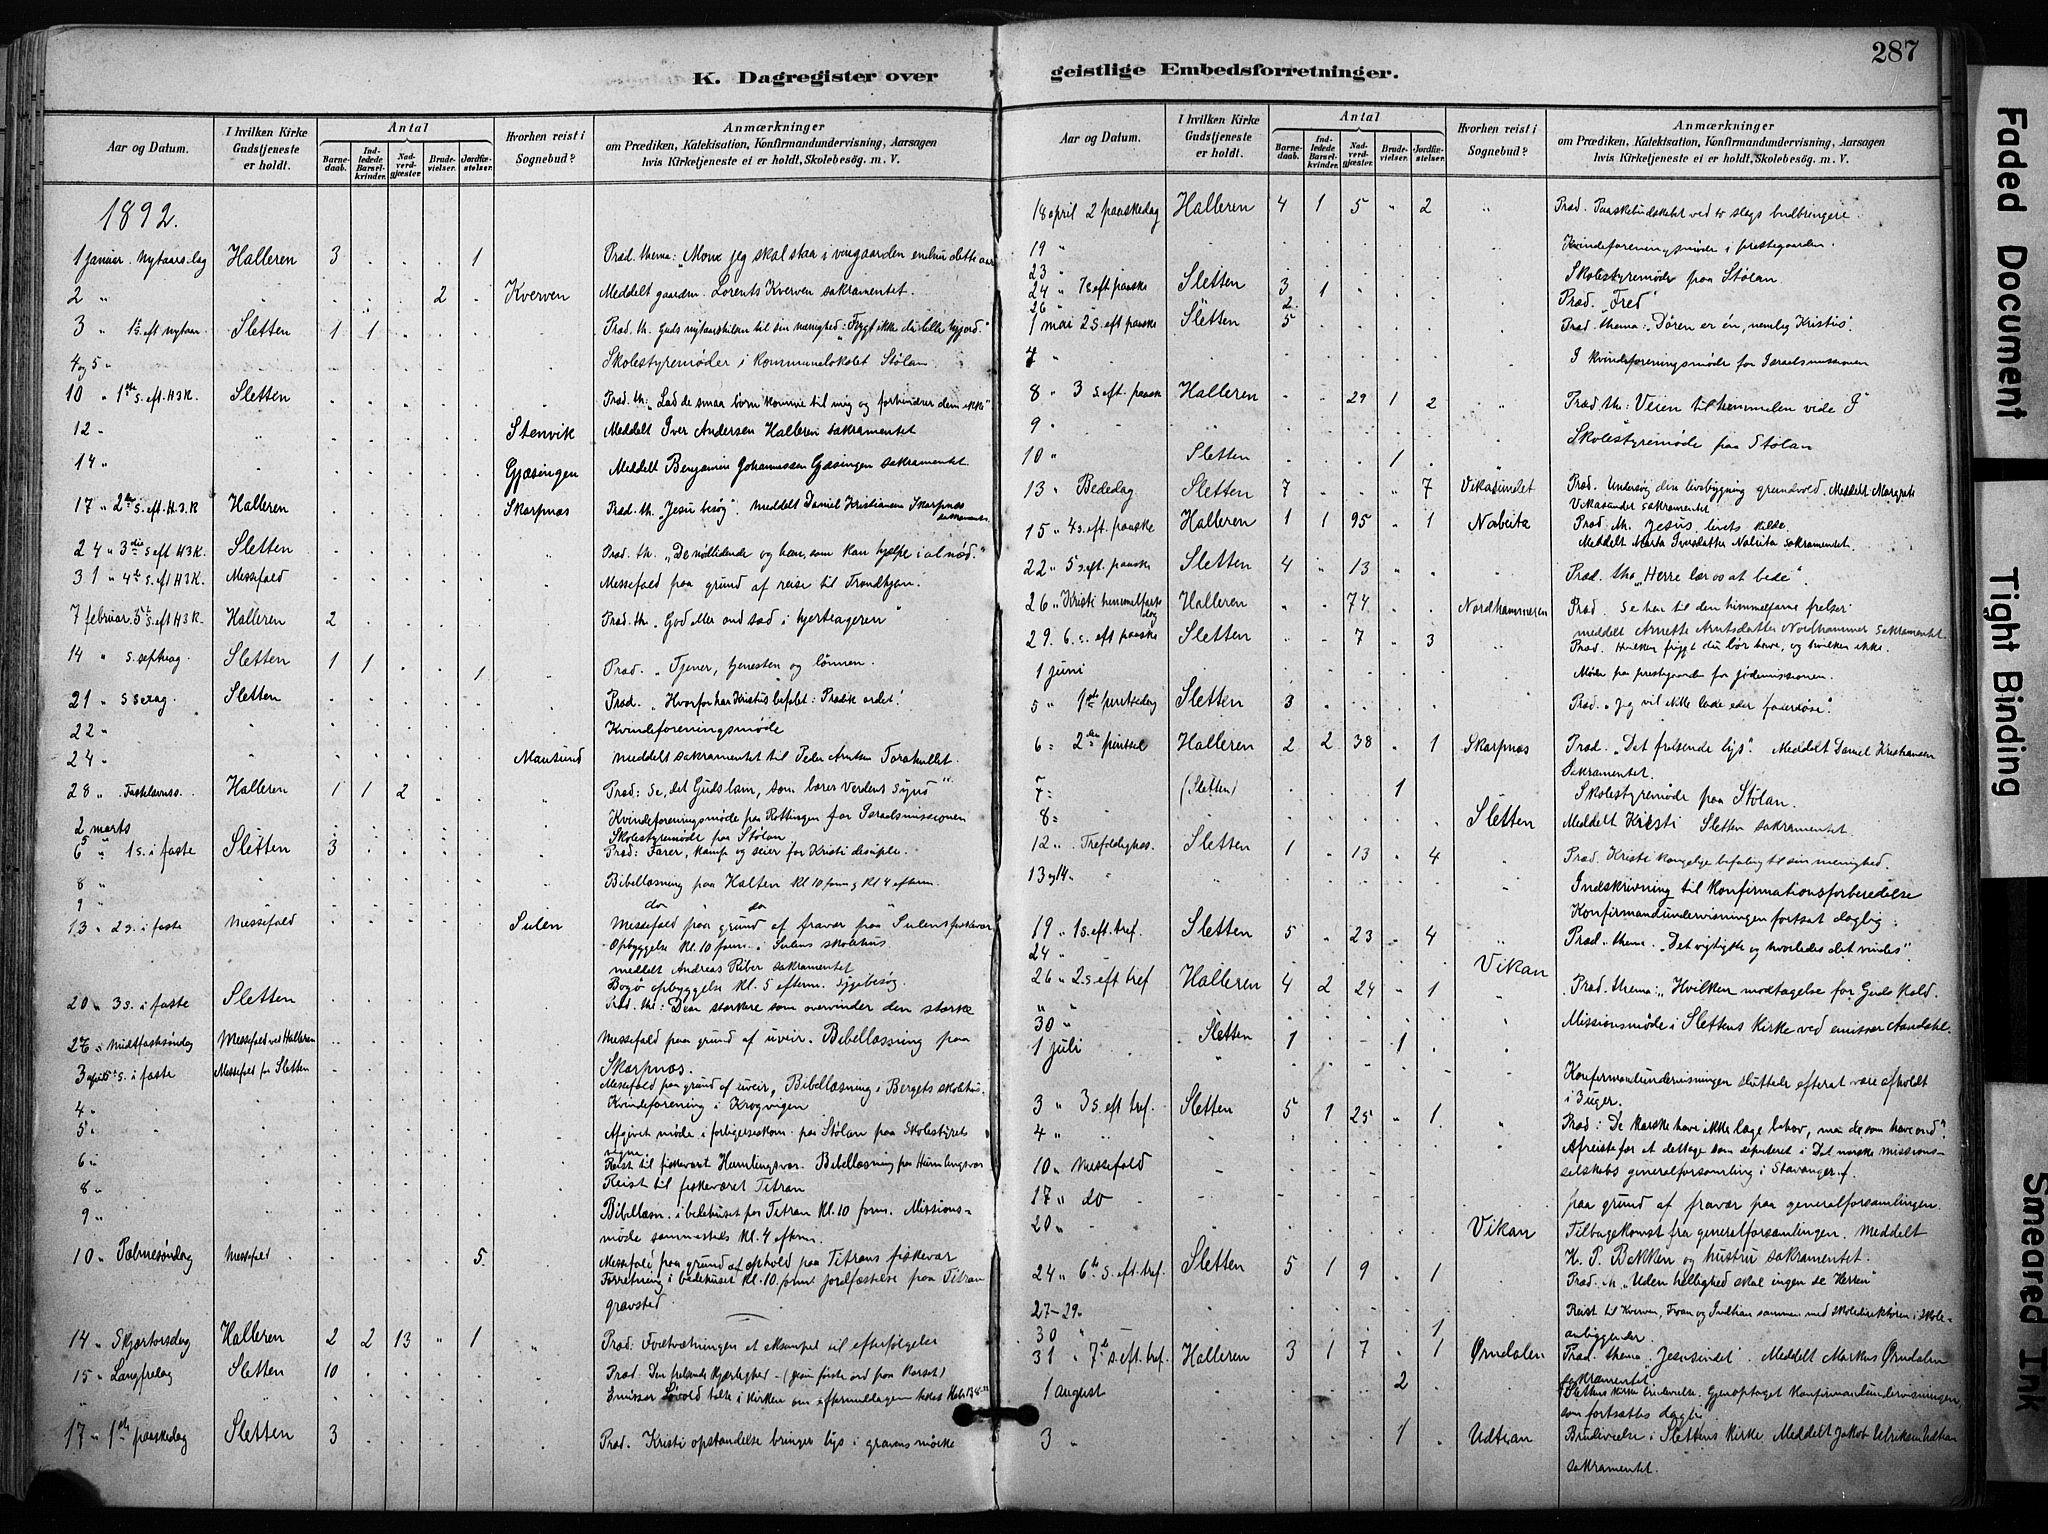 SAT, Ministerialprotokoller, klokkerbøker og fødselsregistre - Sør-Trøndelag, 640/L0579: Ministerialbok nr. 640A04, 1889-1902, s. 287